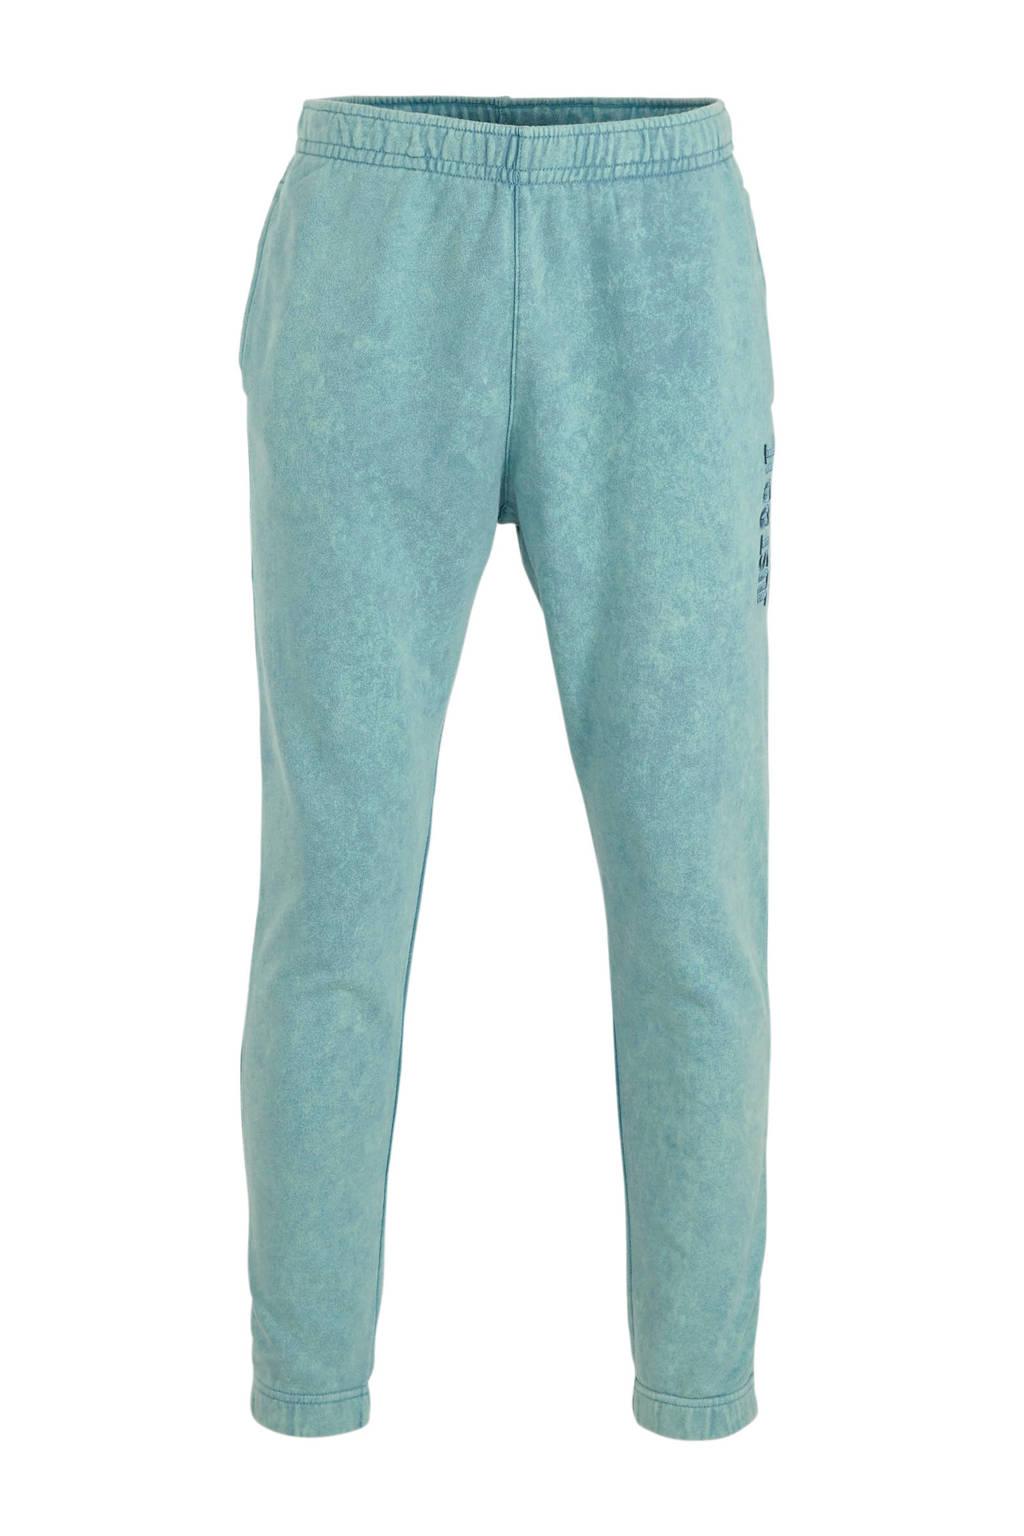 Nike joggingbroek lichtblauw, Lichtblauw